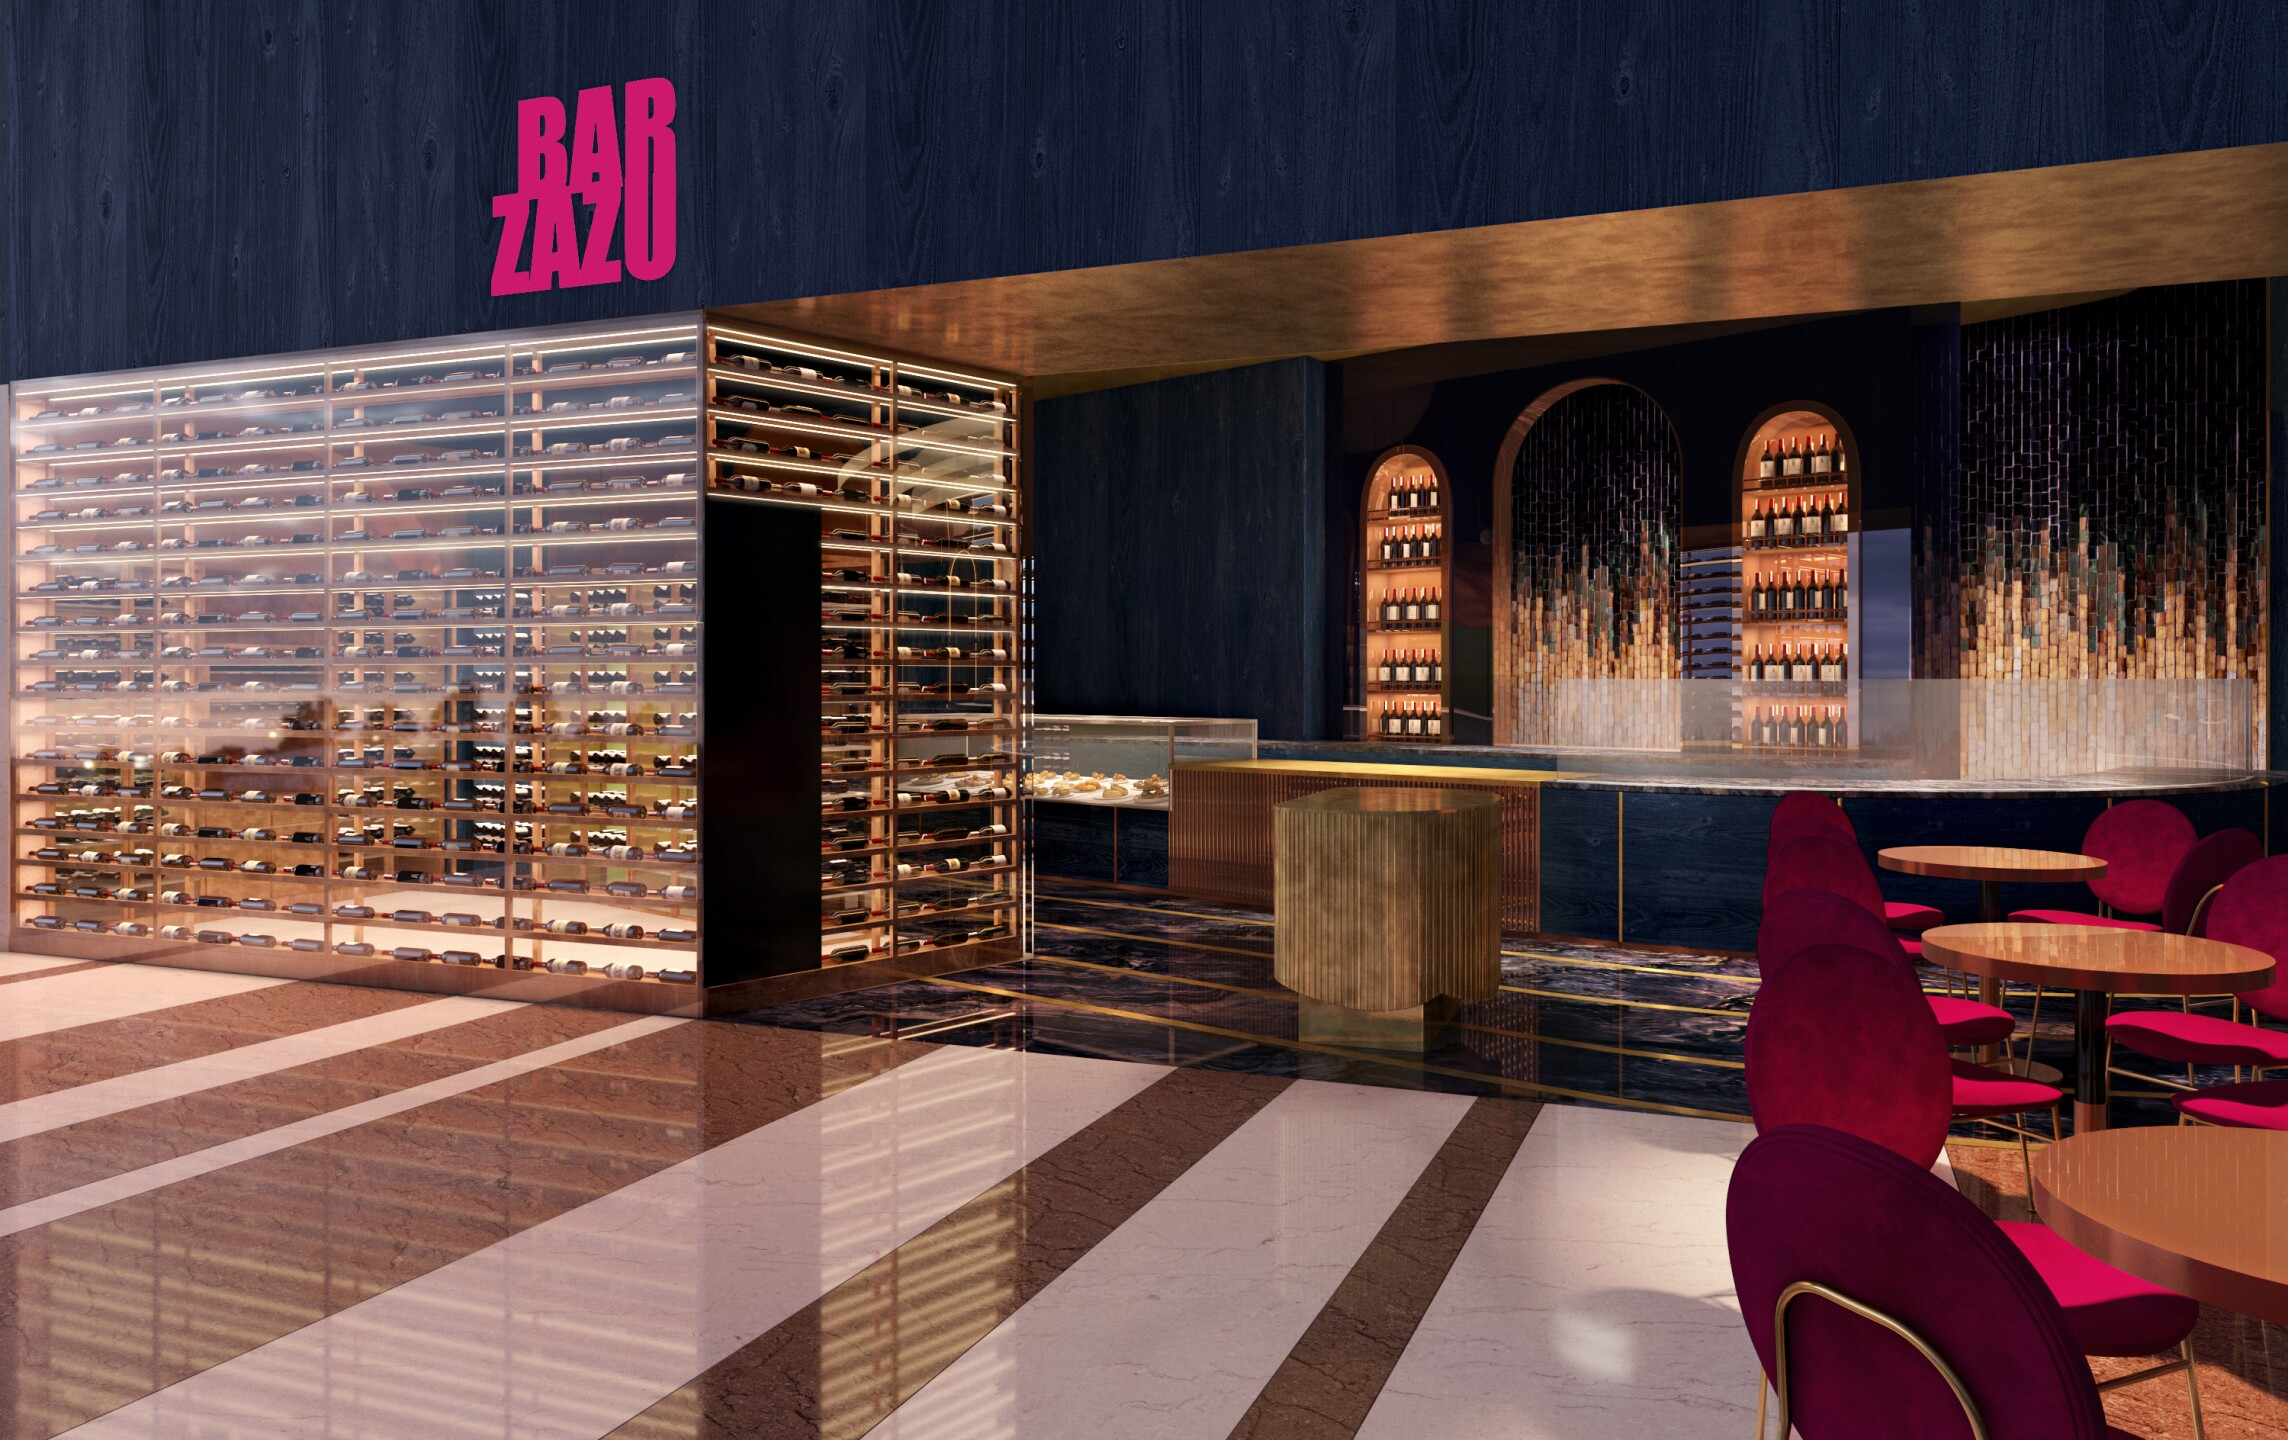 RWLV_Bar Zazu_Entrance.jpg